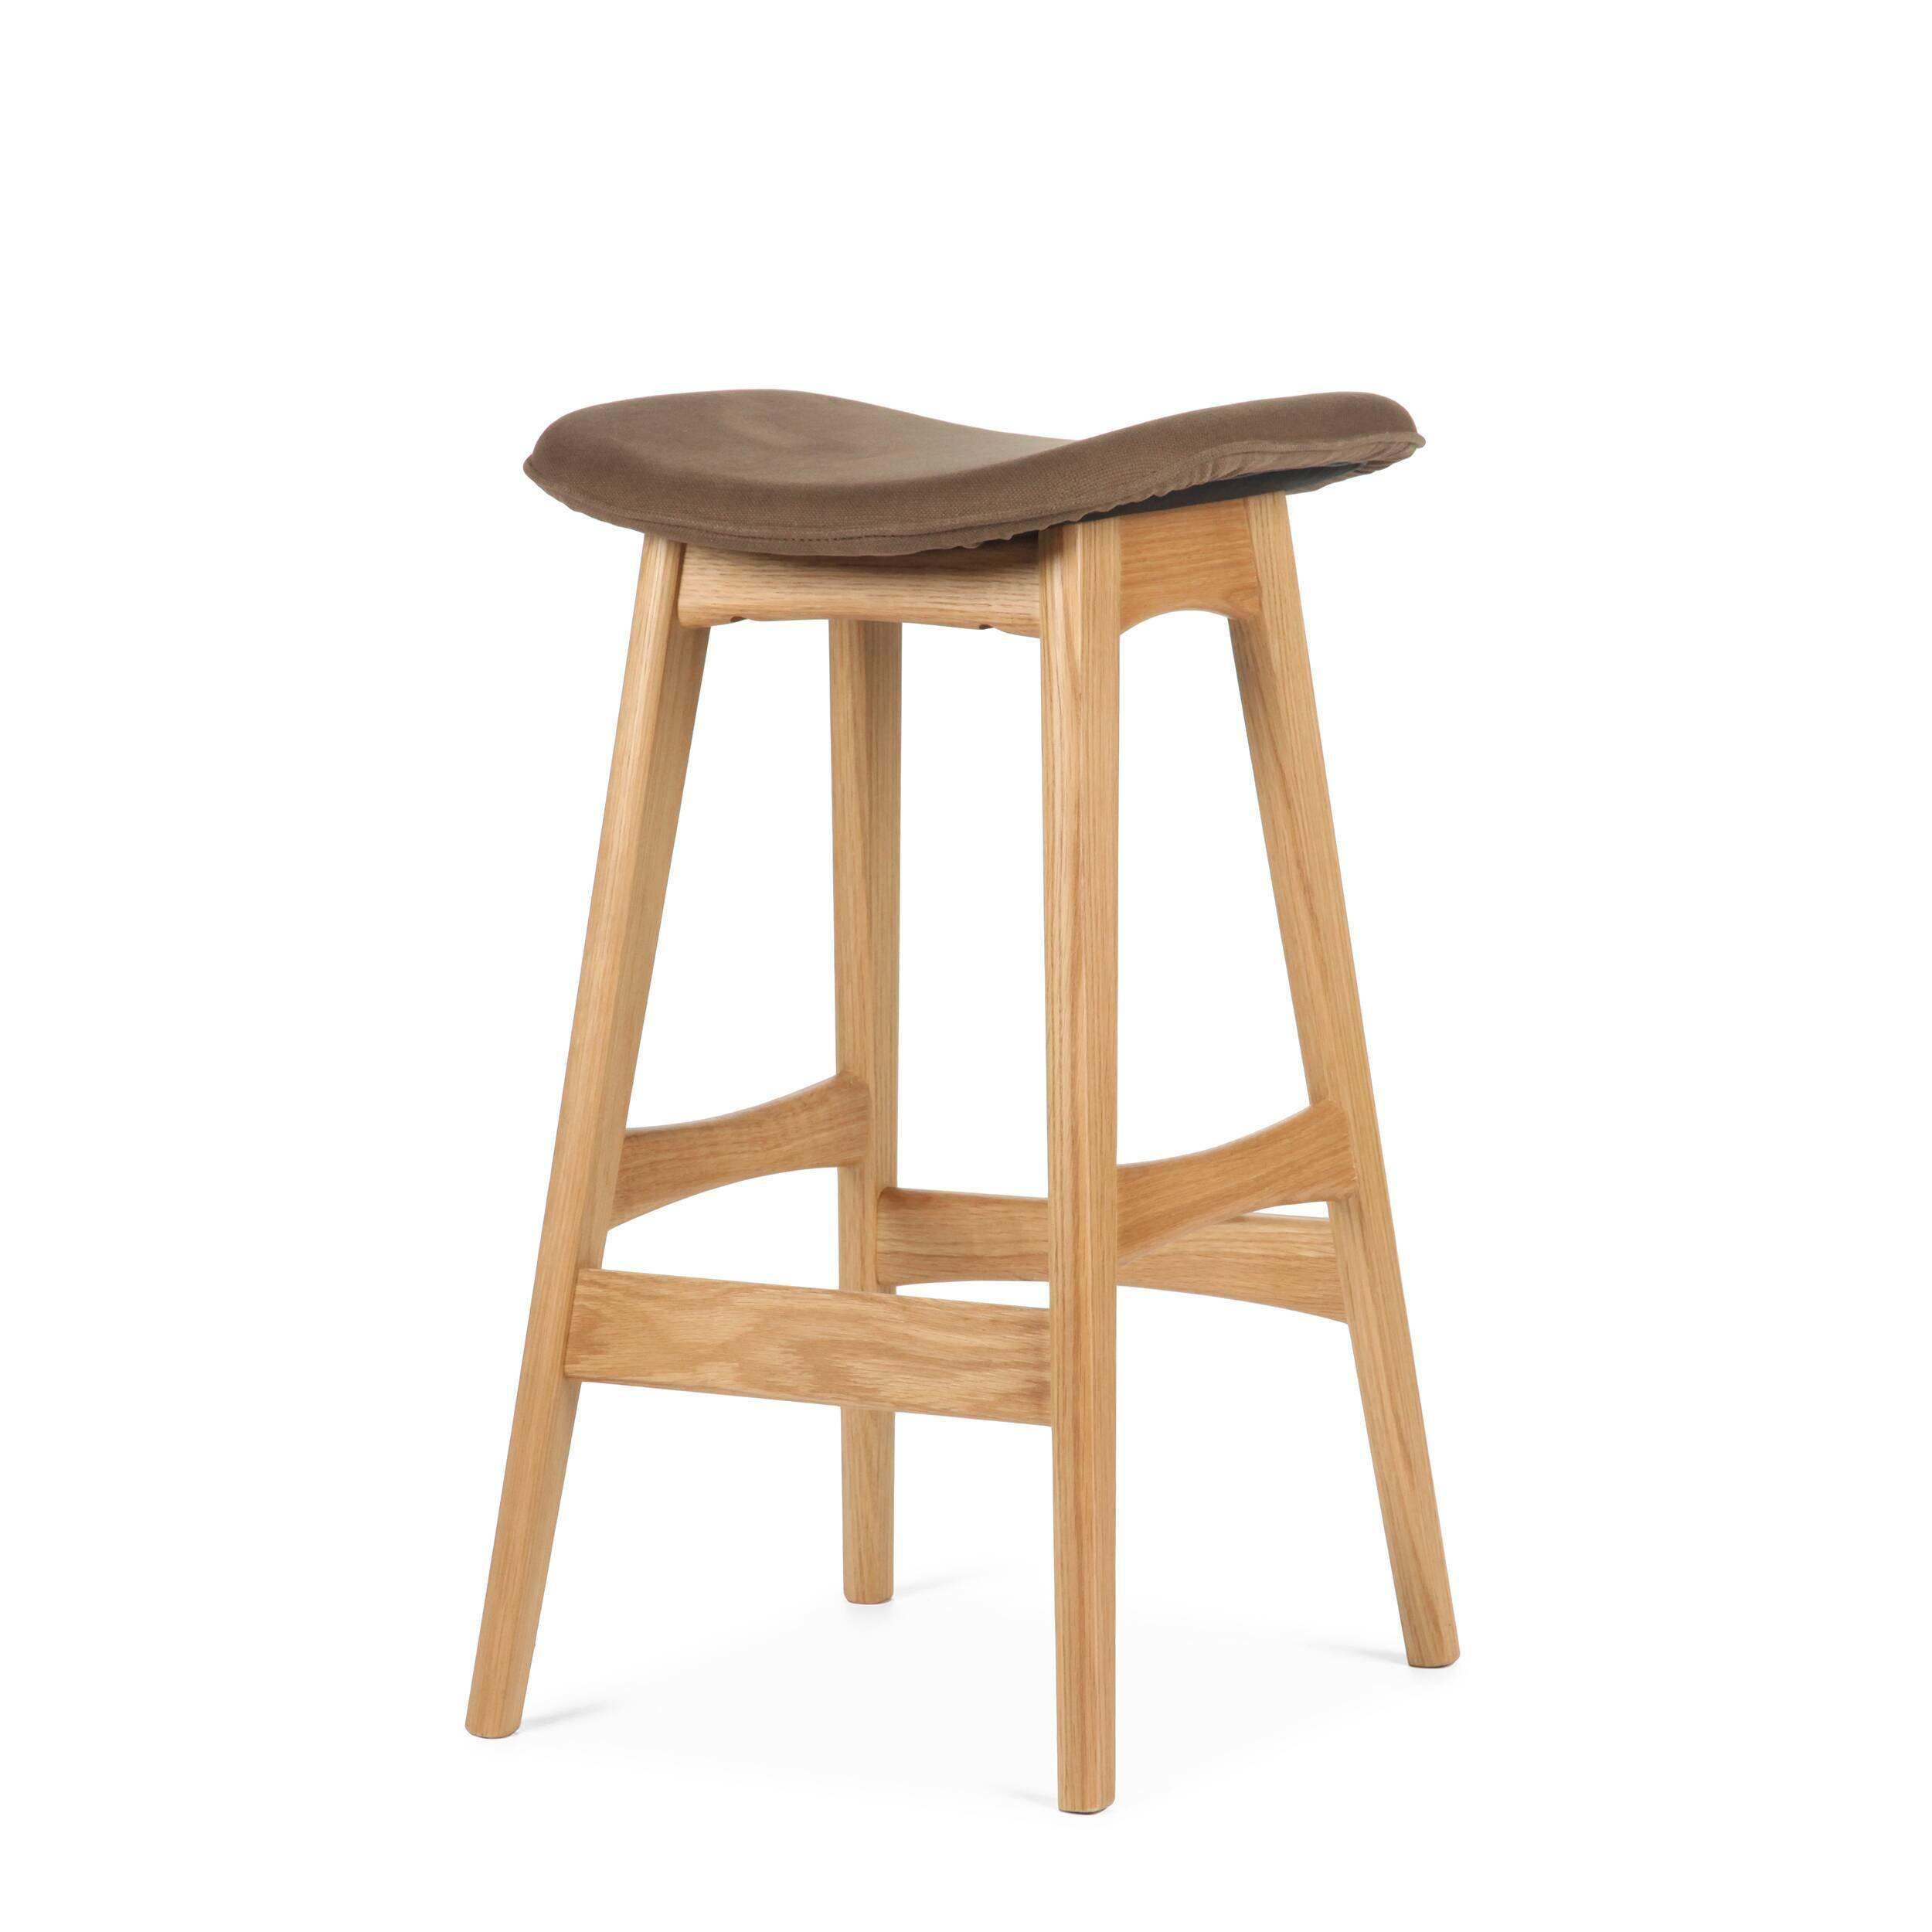 Барный стул Allegra высота 67Полубарные<br>Первоначально разработанный Йоханнесом Андерсеном в 1961 году, барный стул Allegra высота 67 — простое, но шикарное дополнение к любому дому или офису. С сиденьем, находящимся на уровне 76 сантиметров, этот стильный стул практичен и современен.<br><br><br> Высококачественная рама барного стула Allegra высота 67 выполнена из ореха, а сиденье — из мягкой кожи, которую к тому же легко чистить. Сиденье шириной 40 сантиметров подстроено под анатомические линии тела. Красное, белое и черное цветовое...<br><br>stock: 3<br>Высота: 66,5<br>Ширина: 40<br>Глубина: 38,5<br>Цвет ножек: Белый дуб<br>Материал ножек: Массив дуба<br>Материал сидения: Хлопок, Лен<br>Цвет сидения: Коричневый<br>Тип материала сидения: Ткань<br>Коллекция ткани: Ray Fabric<br>Тип материала ножек: Дерево